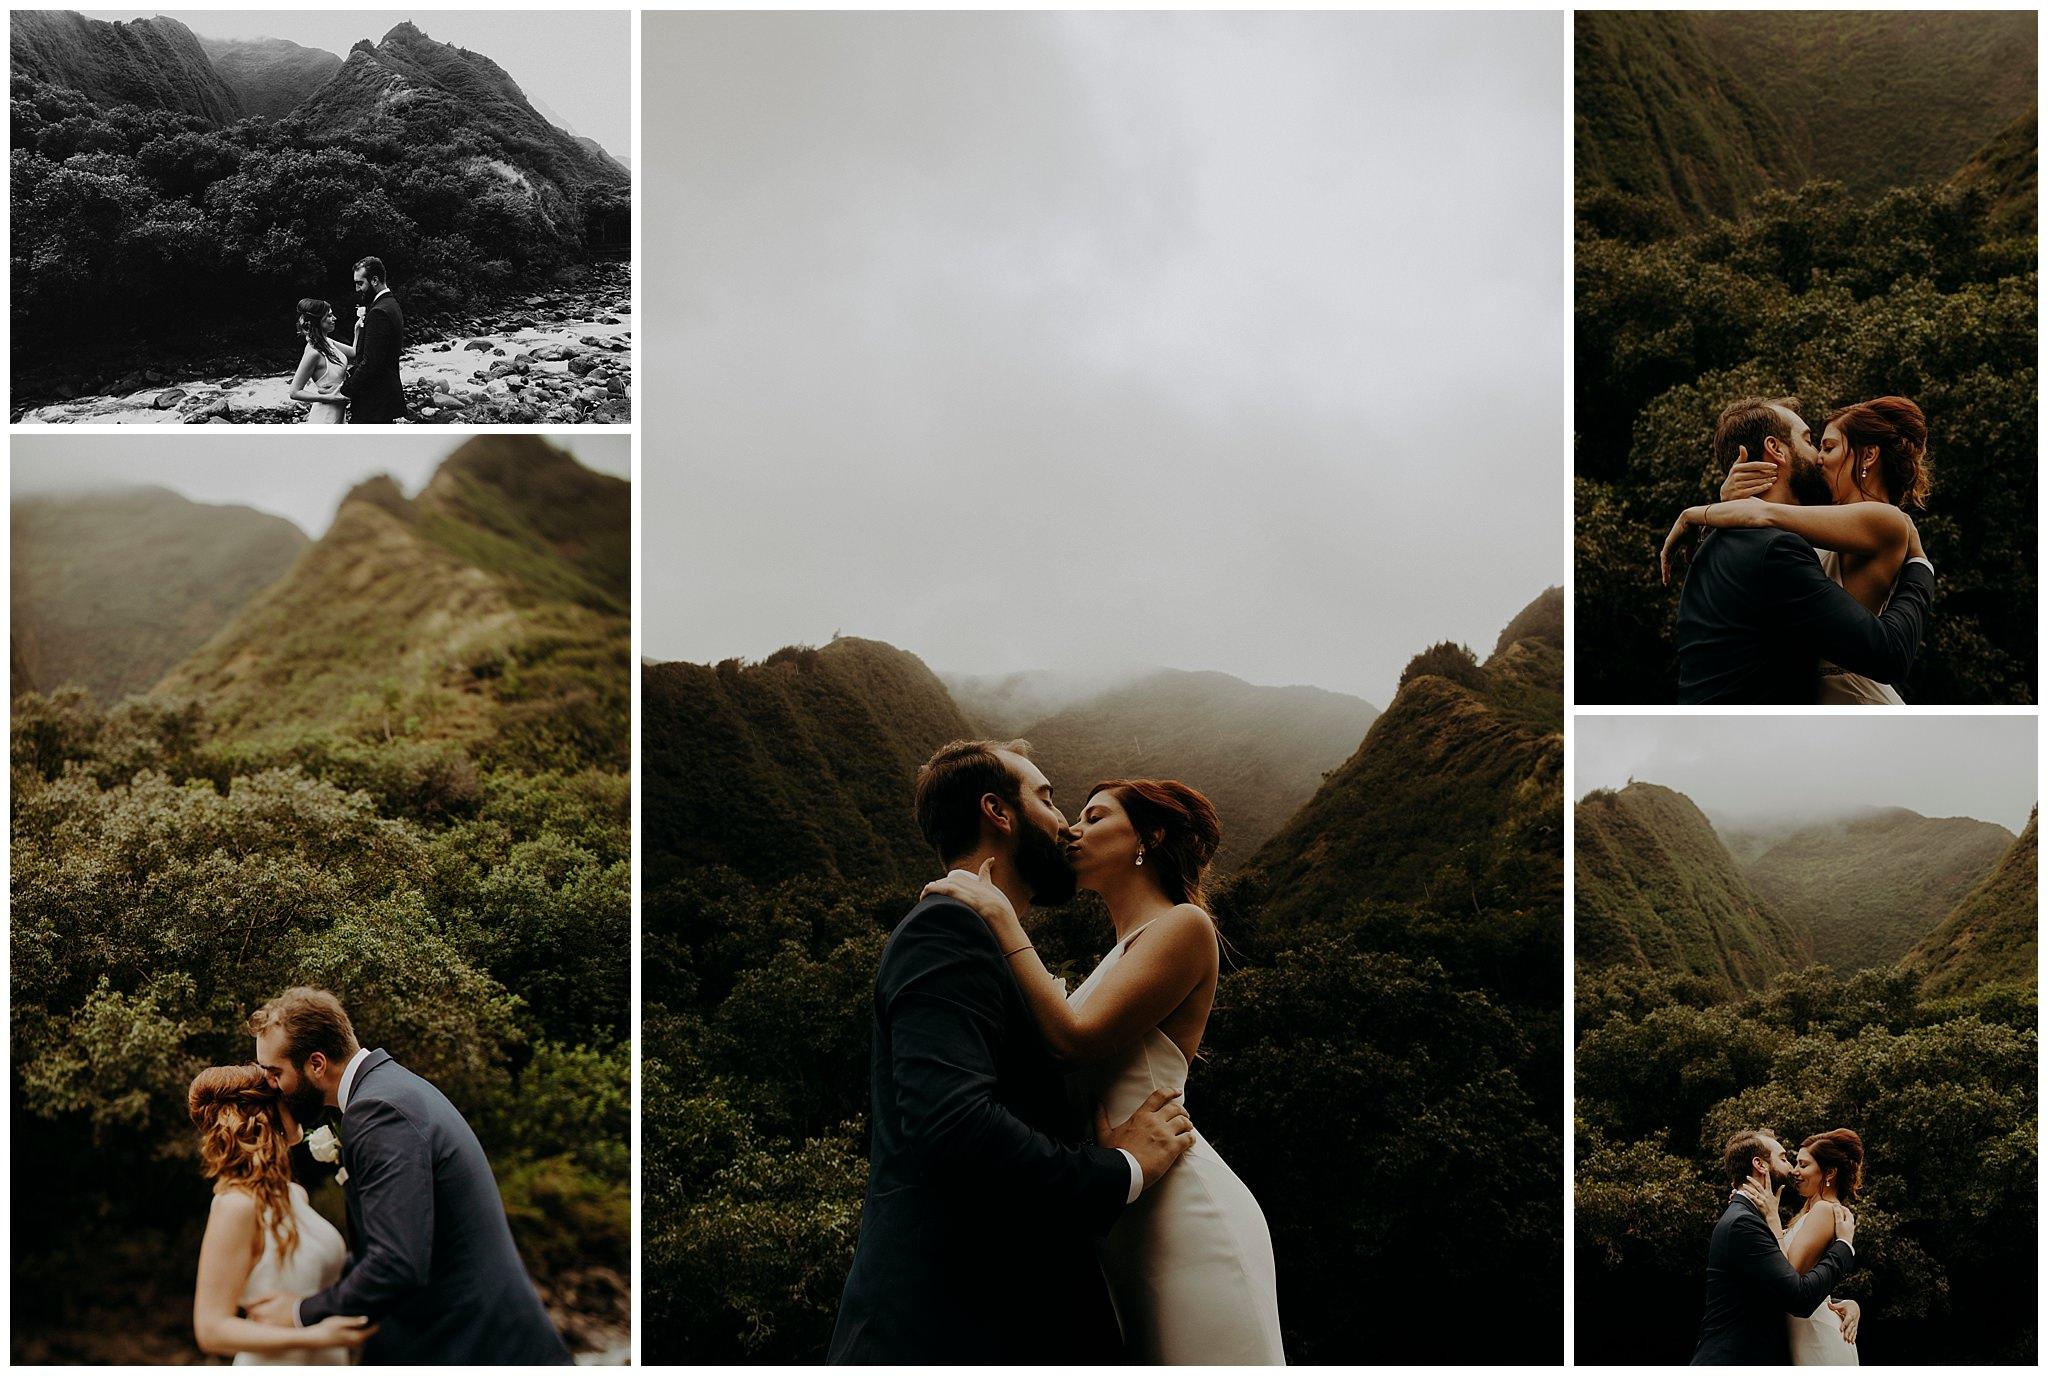 Hawaii-Elopement-Photographer5.jpg